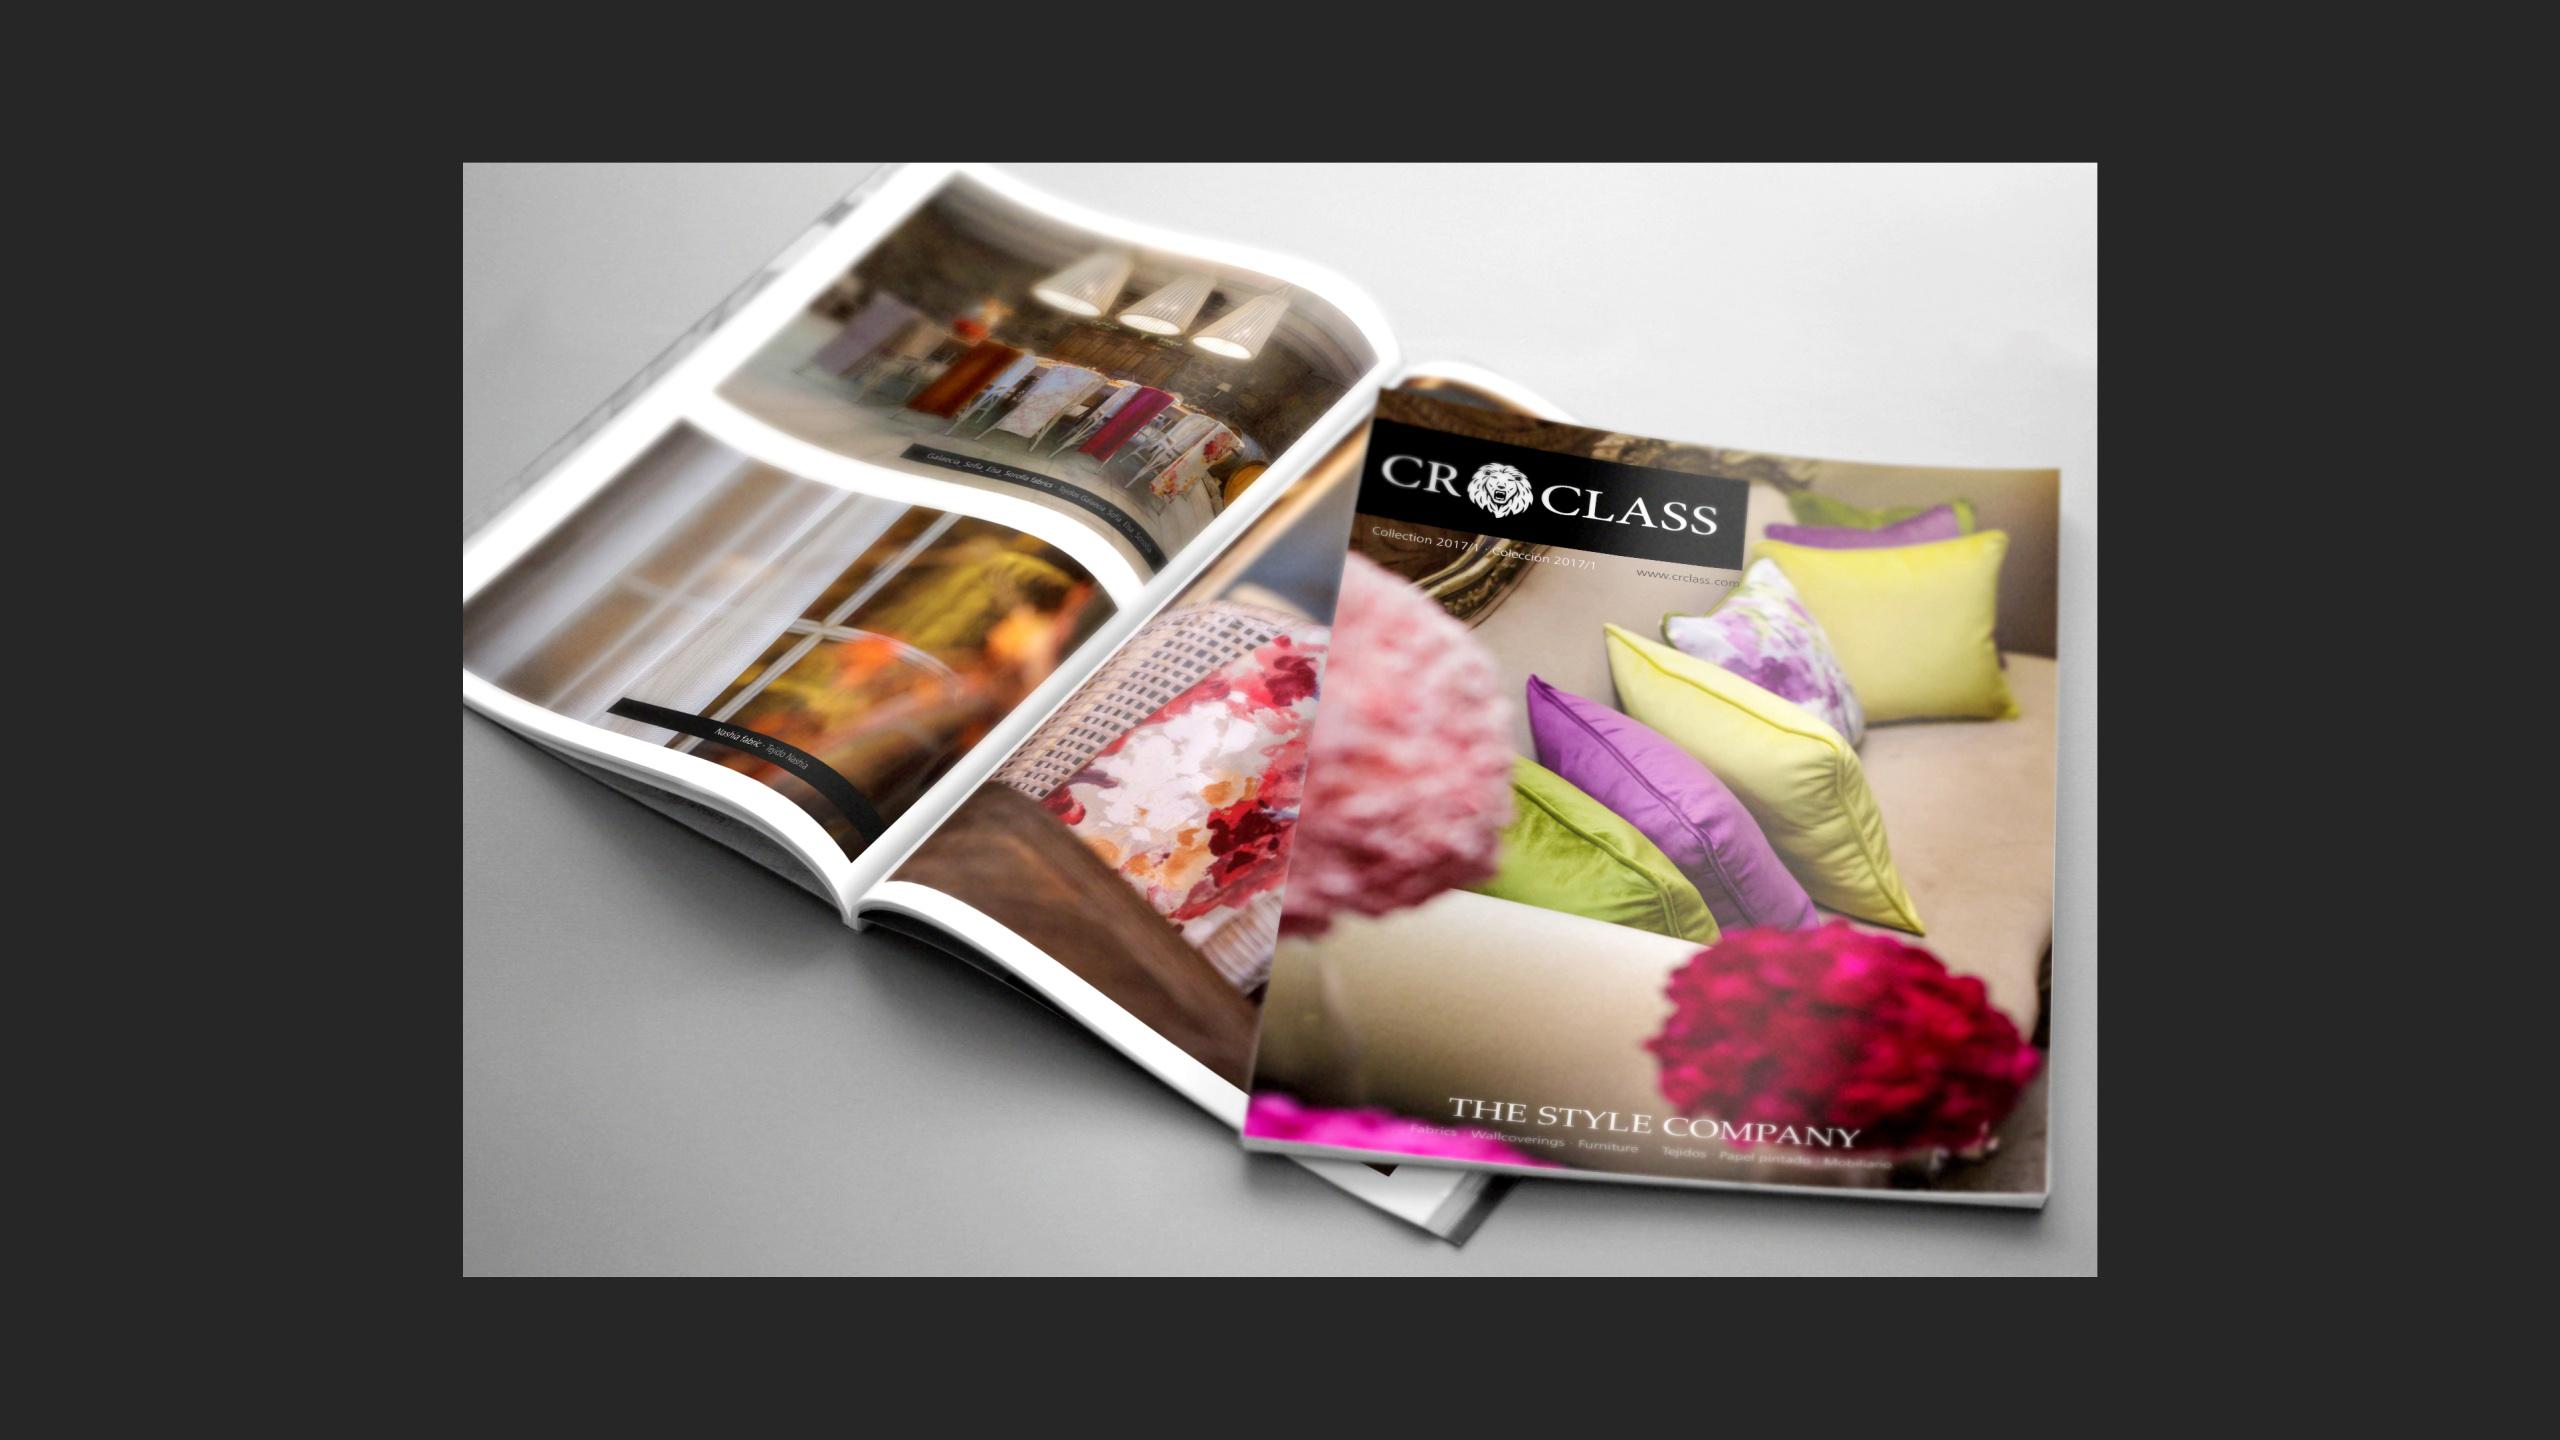 Diseño CR Class Revista impresa promocional 3 v2 perceptual adobe